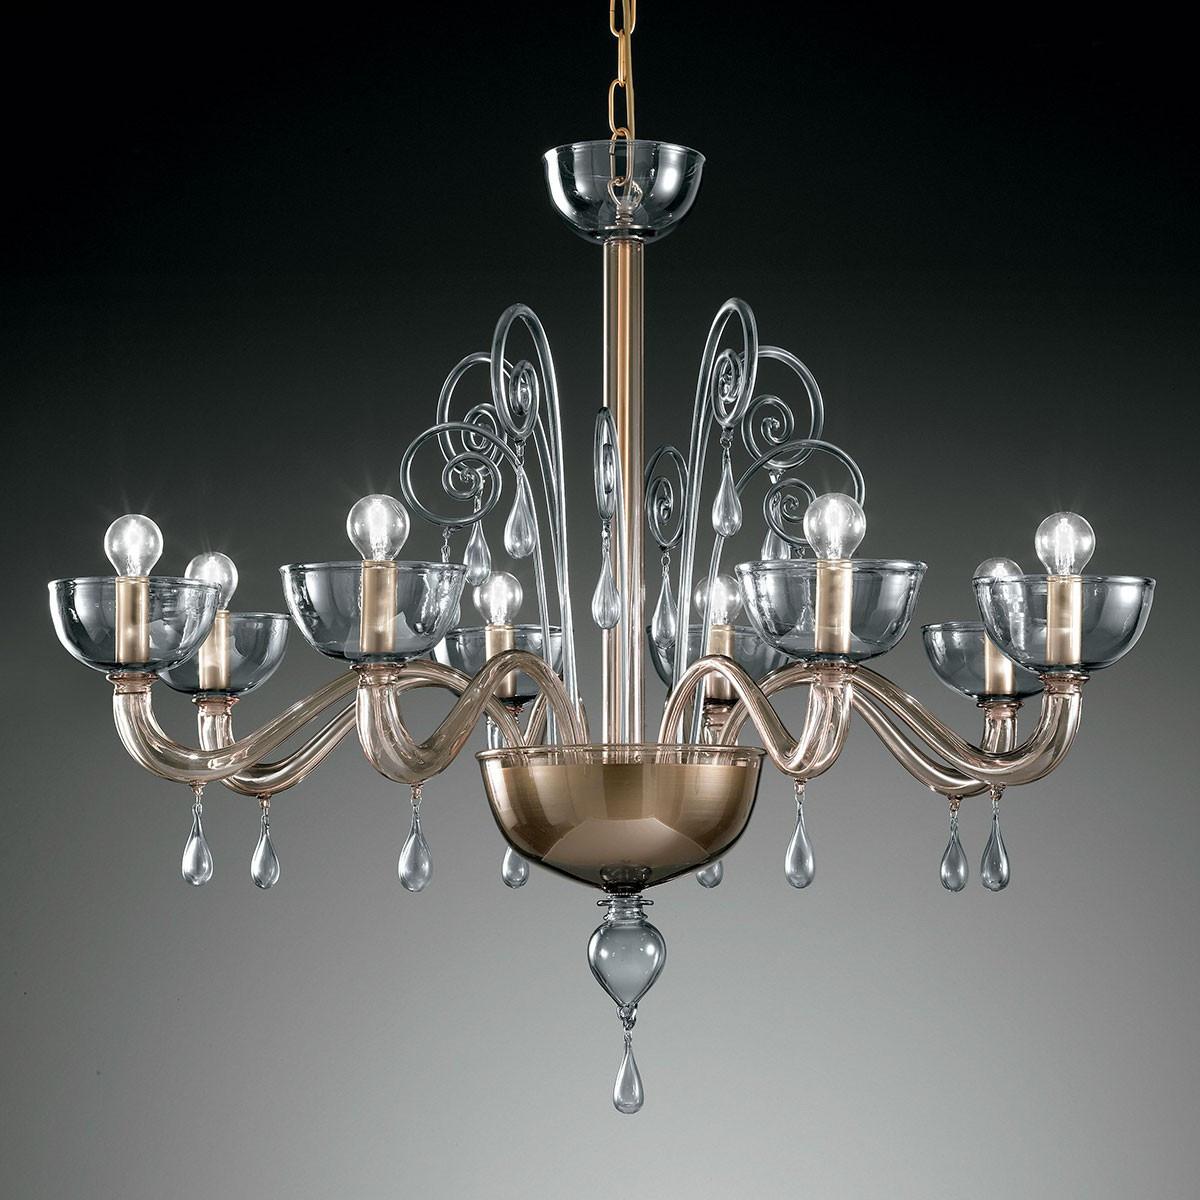 """""""Duncan"""" lampara de araña de Murano - 8 luces - gris ahumado"""